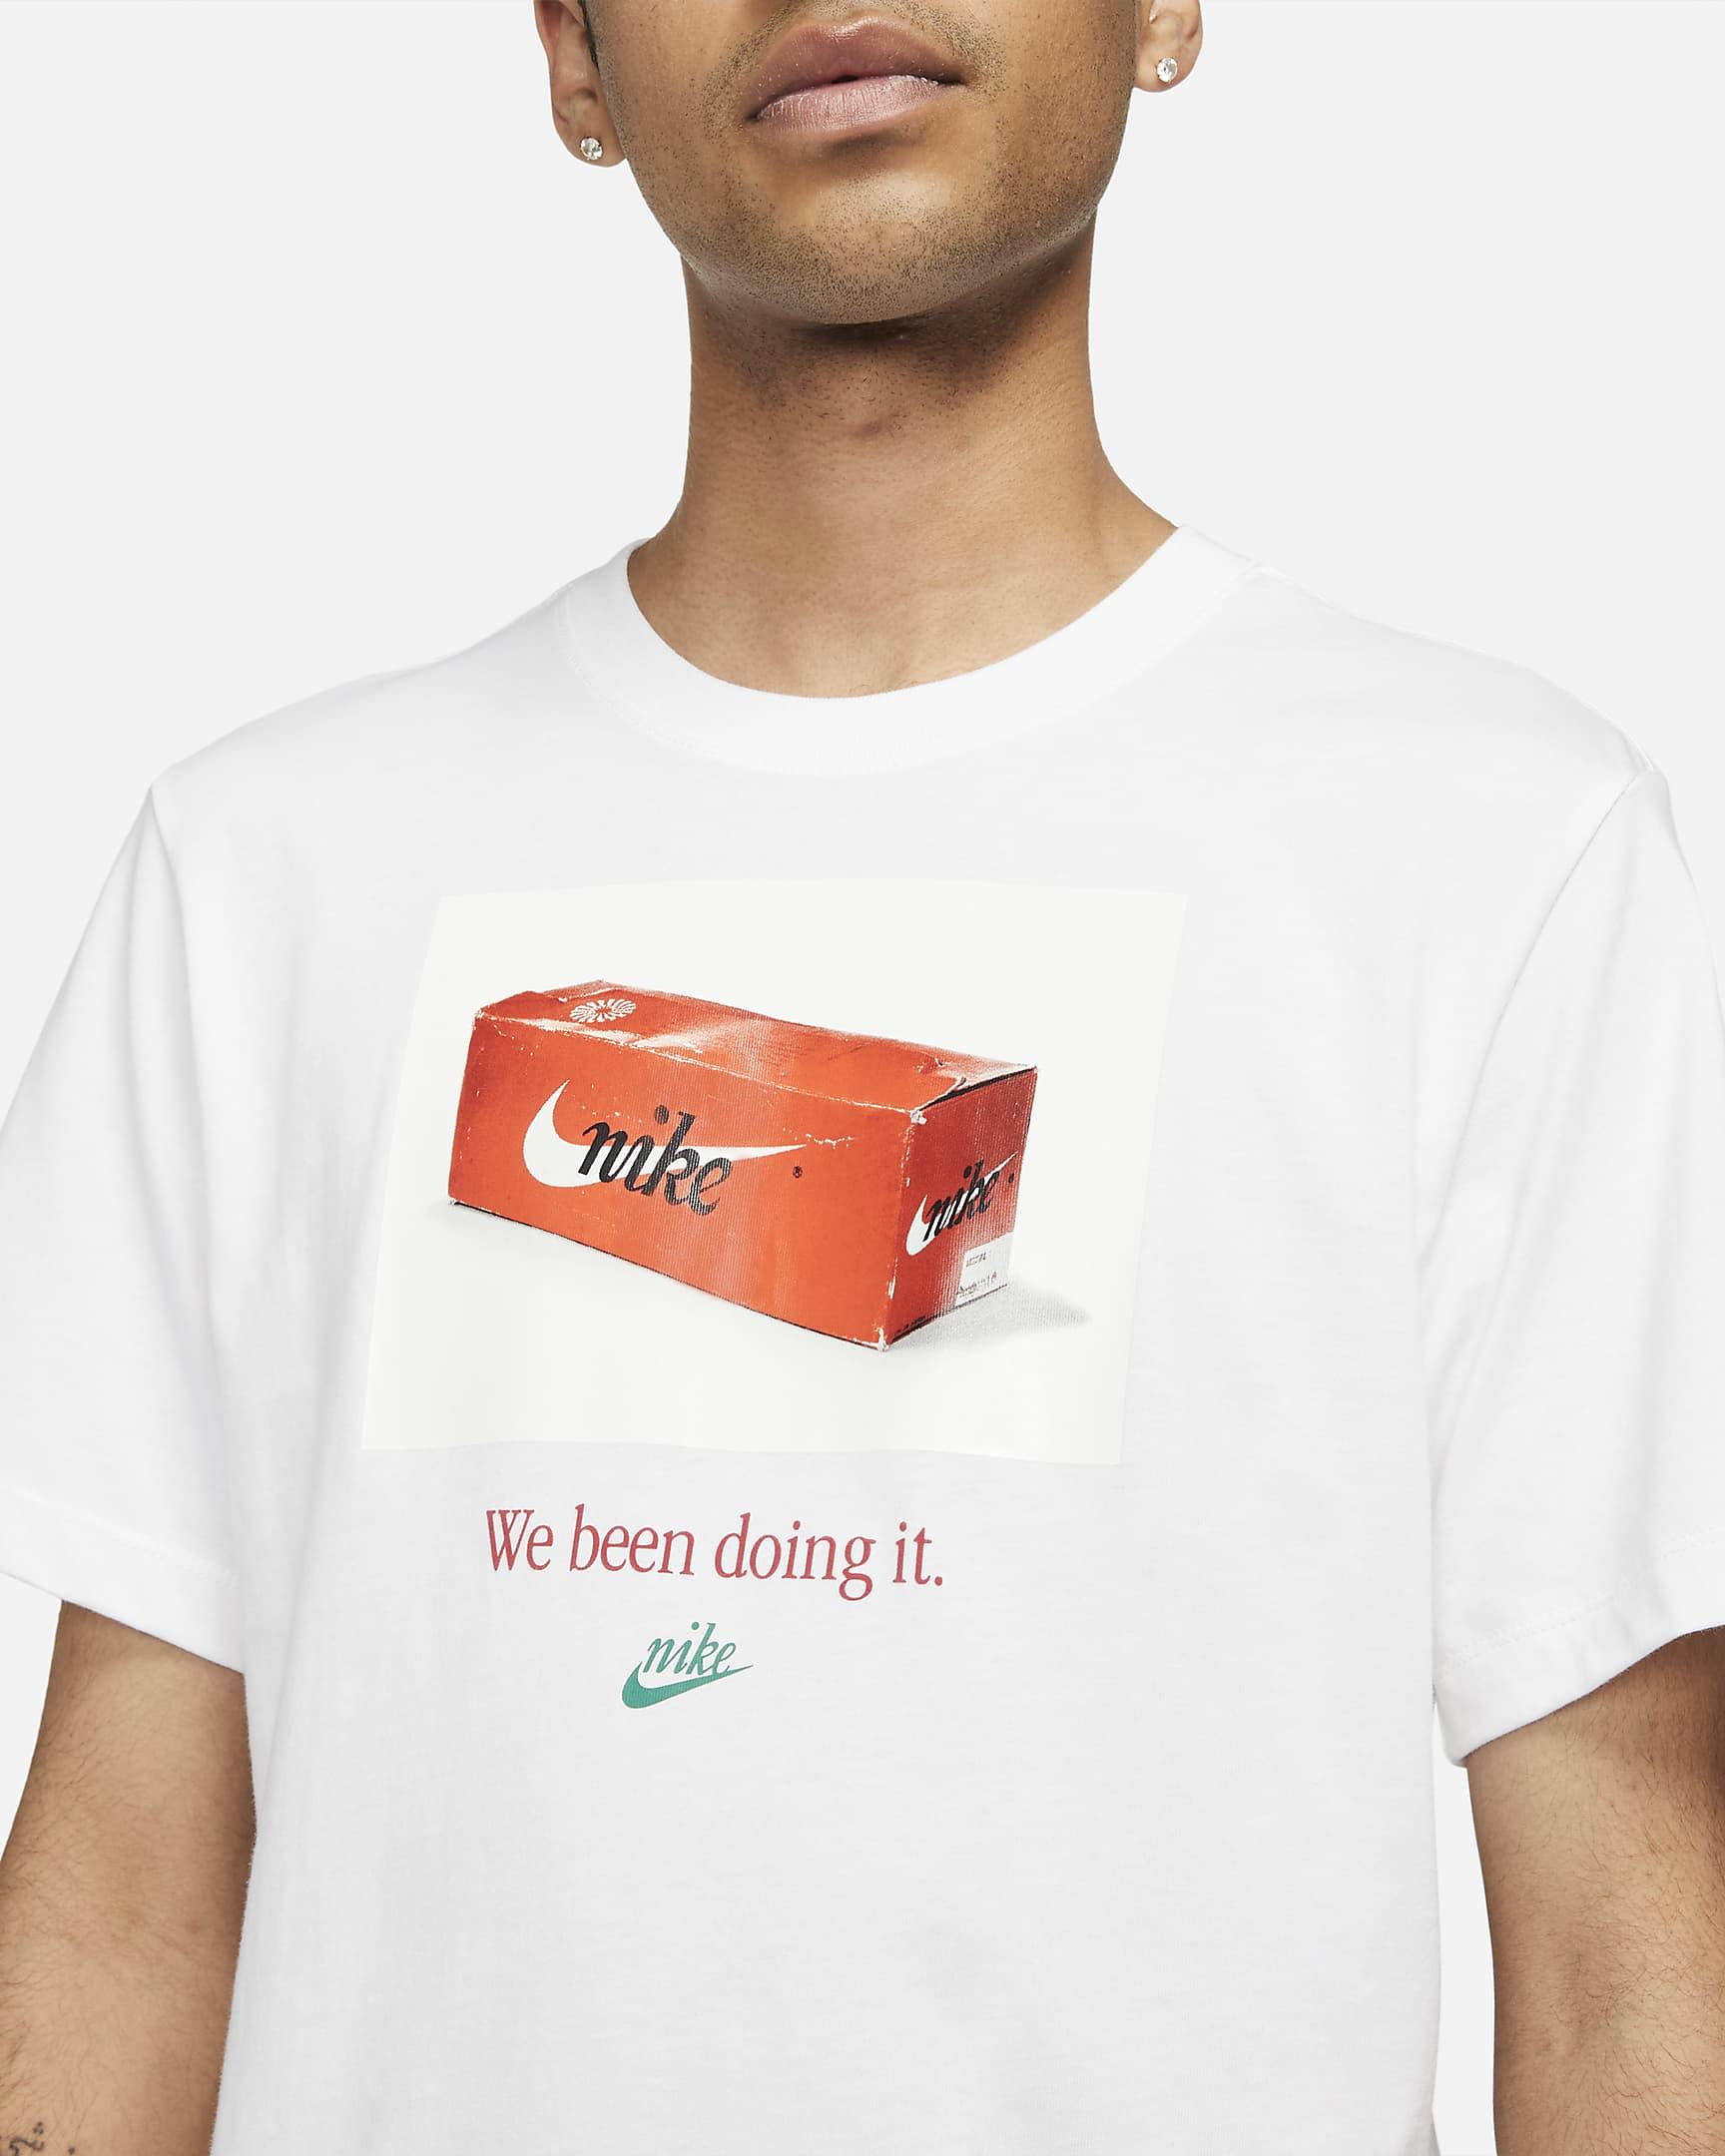 sportswear-mens-t-shirt-0B6KnQ-4.png